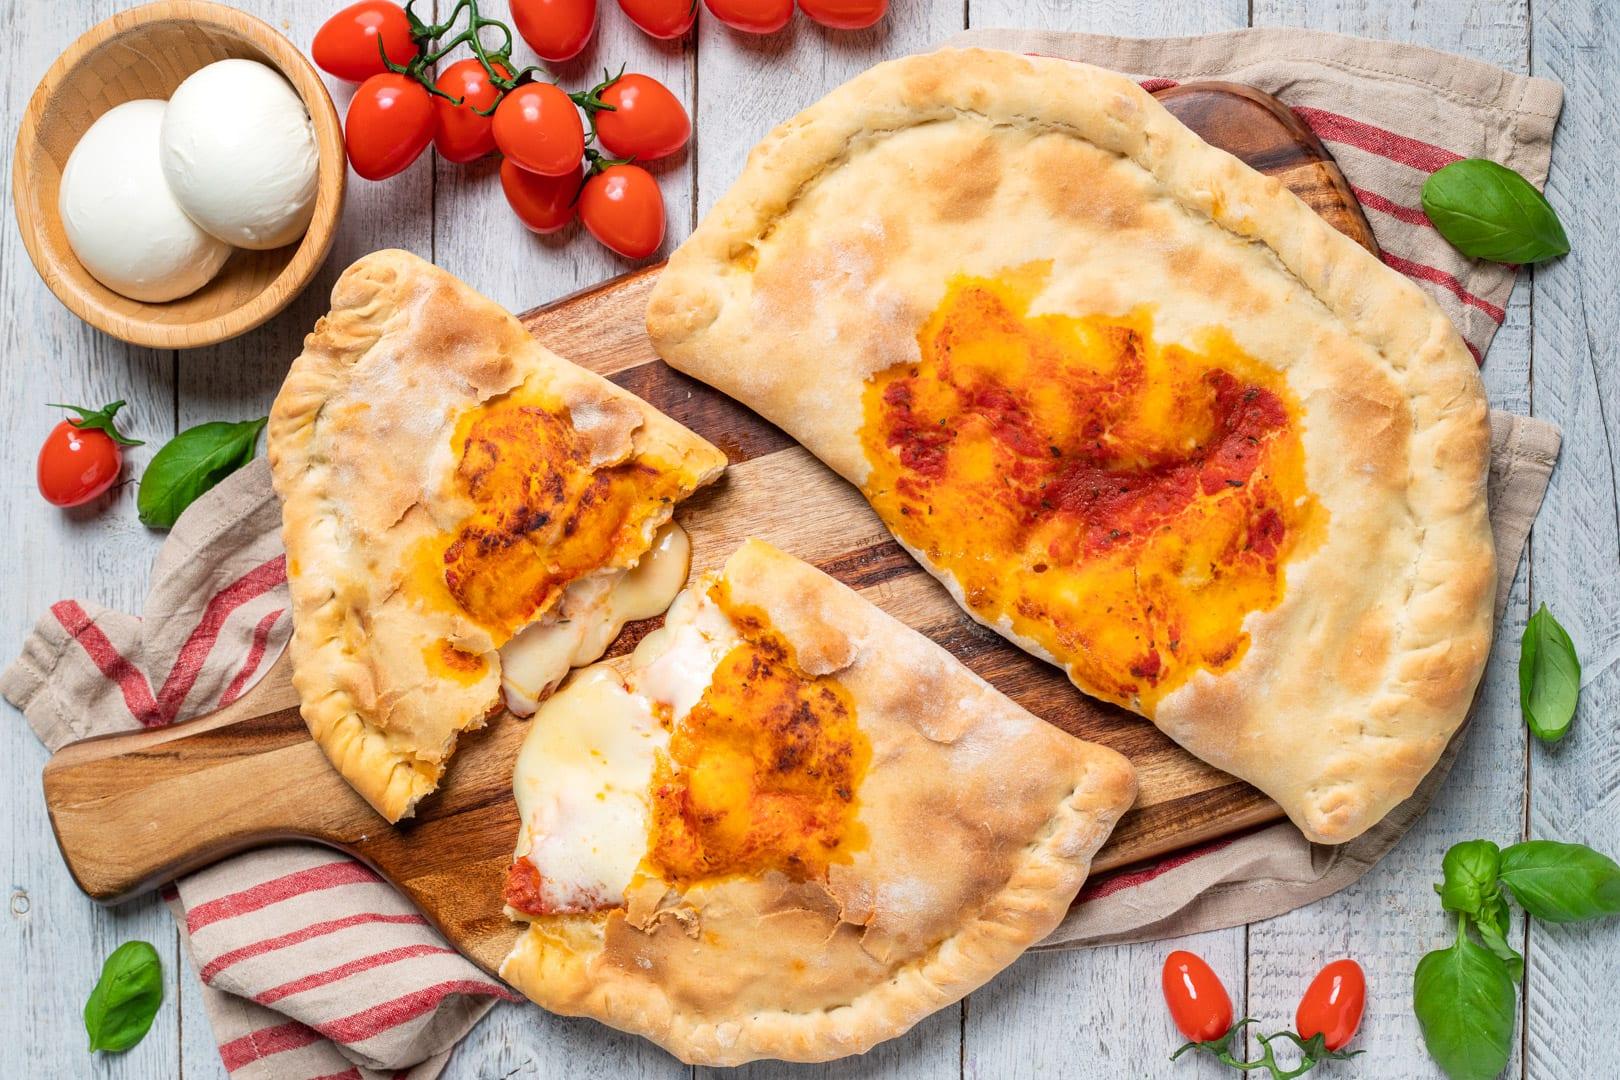 Calzone al forno, la ricetta di Sonia Peronaci